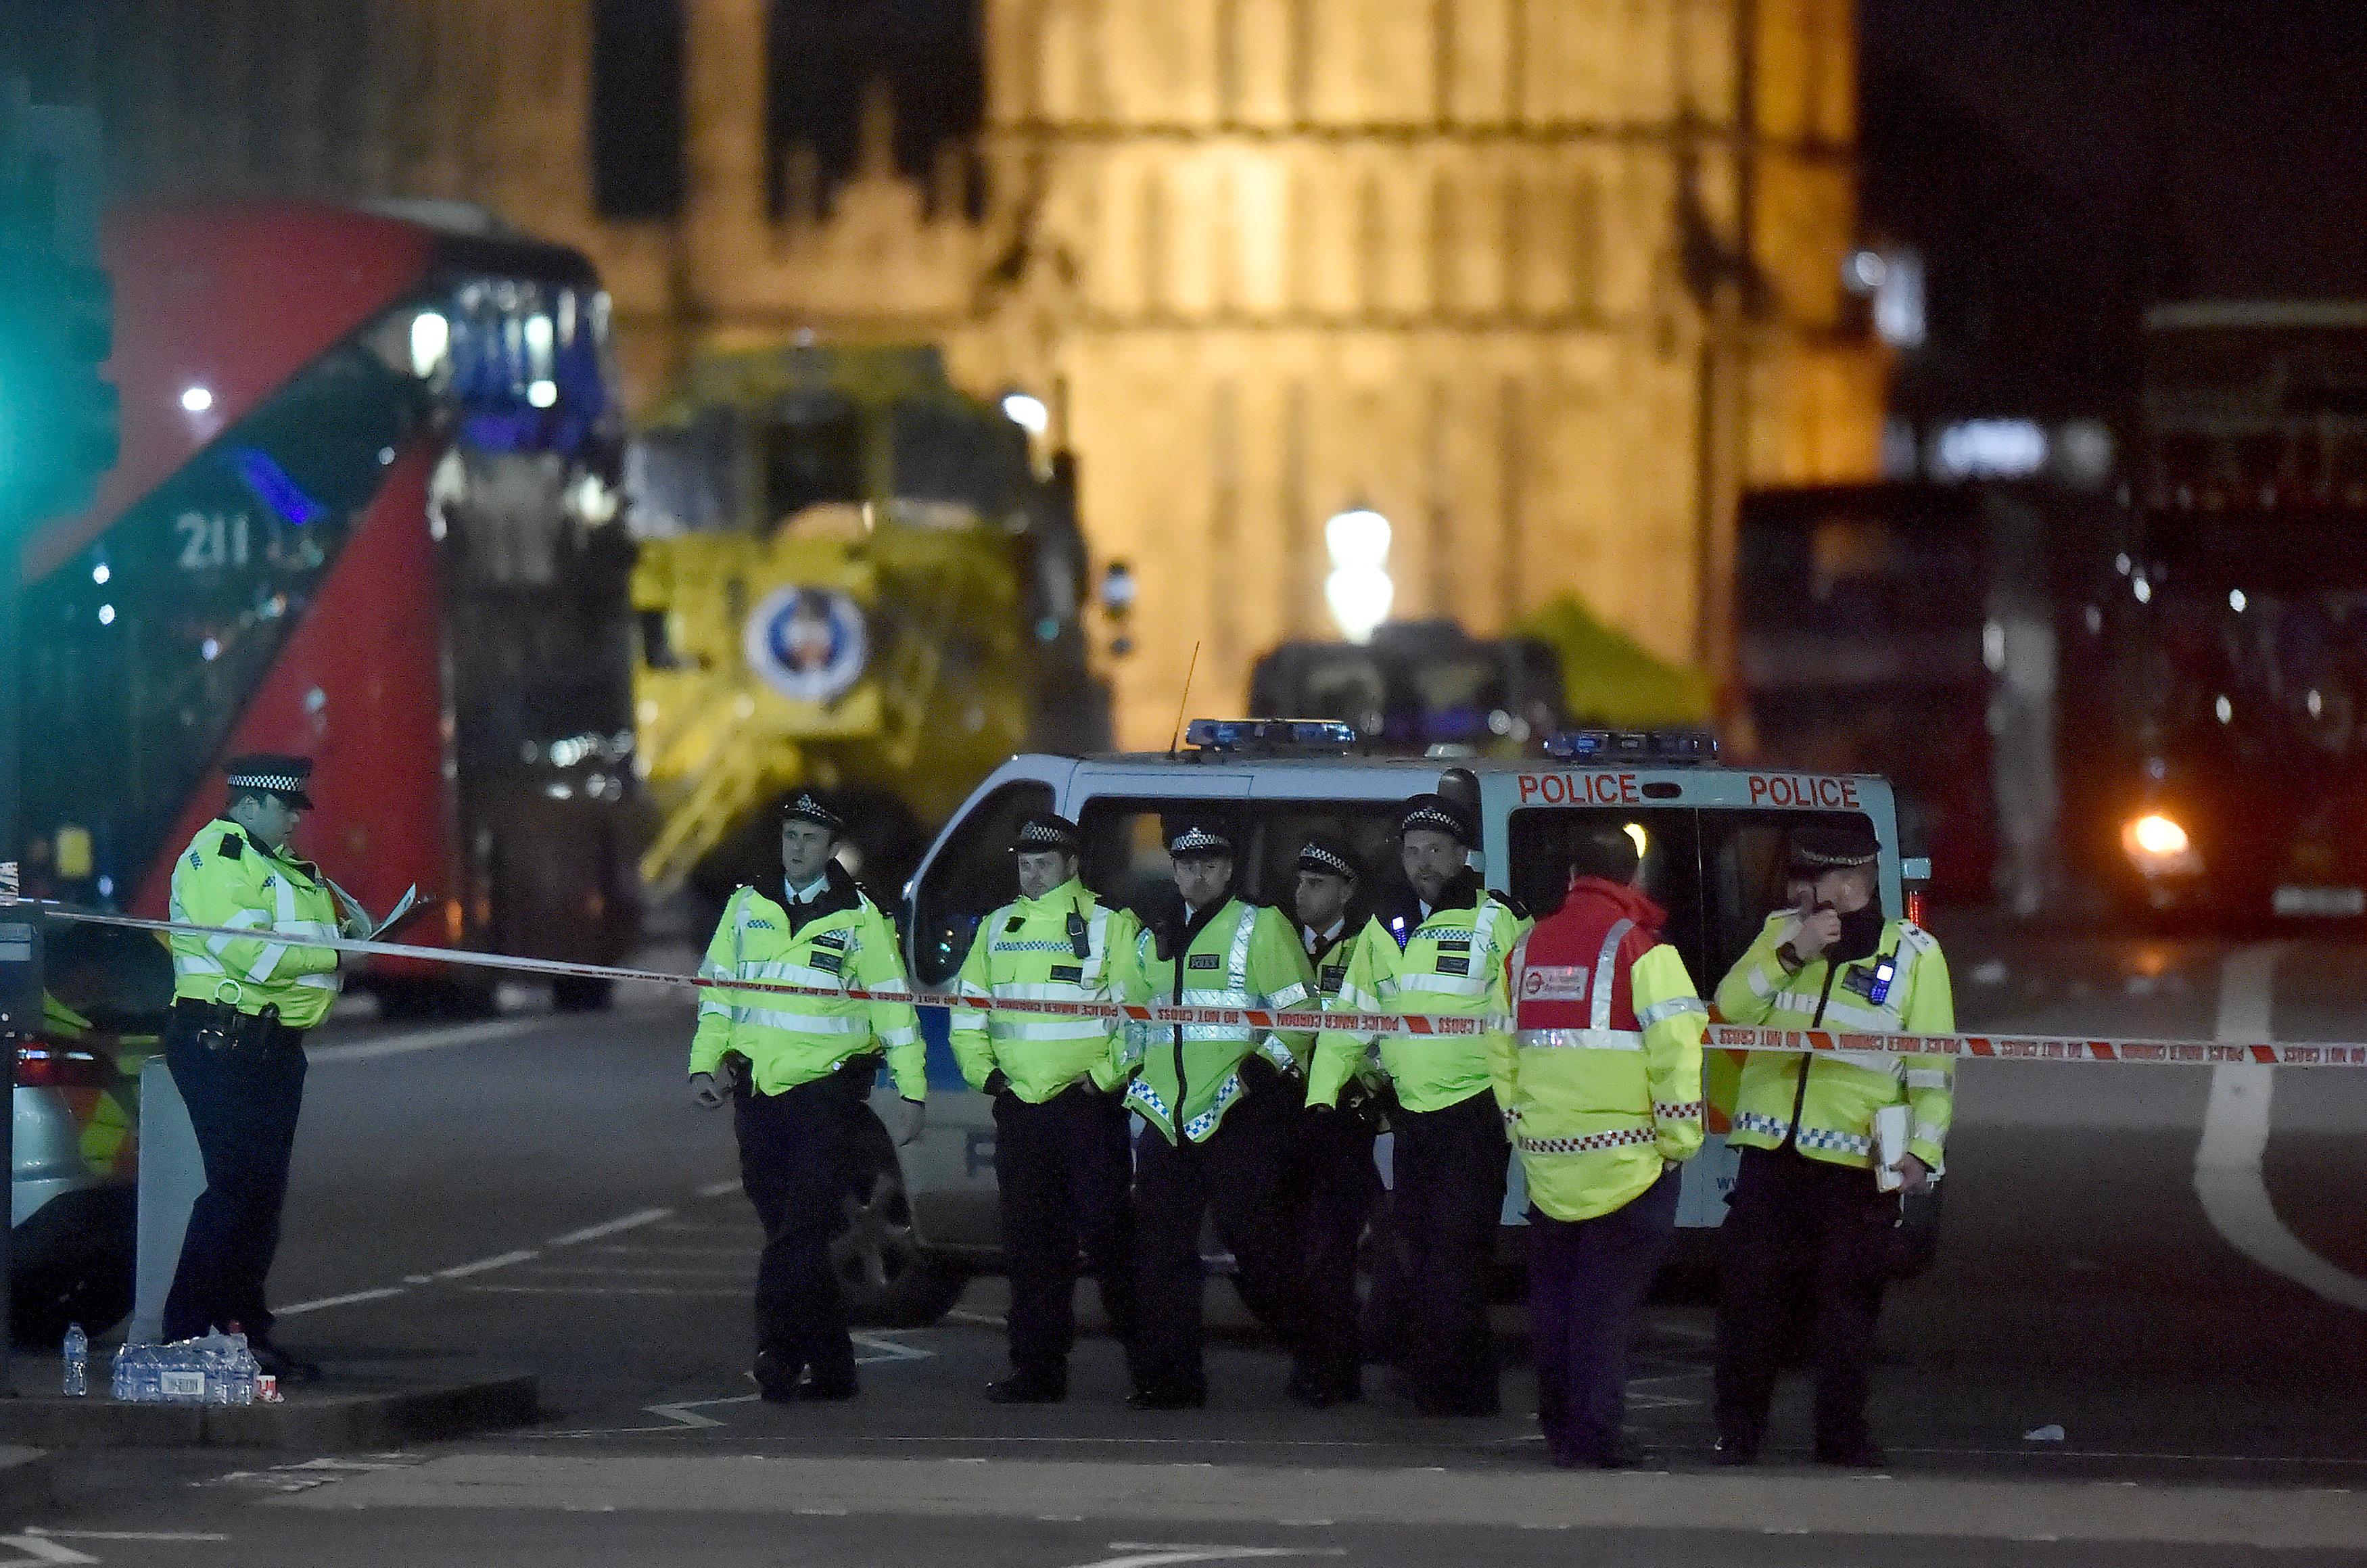 Five dead, around 40 injured in UK parliament 'terrorist' attack